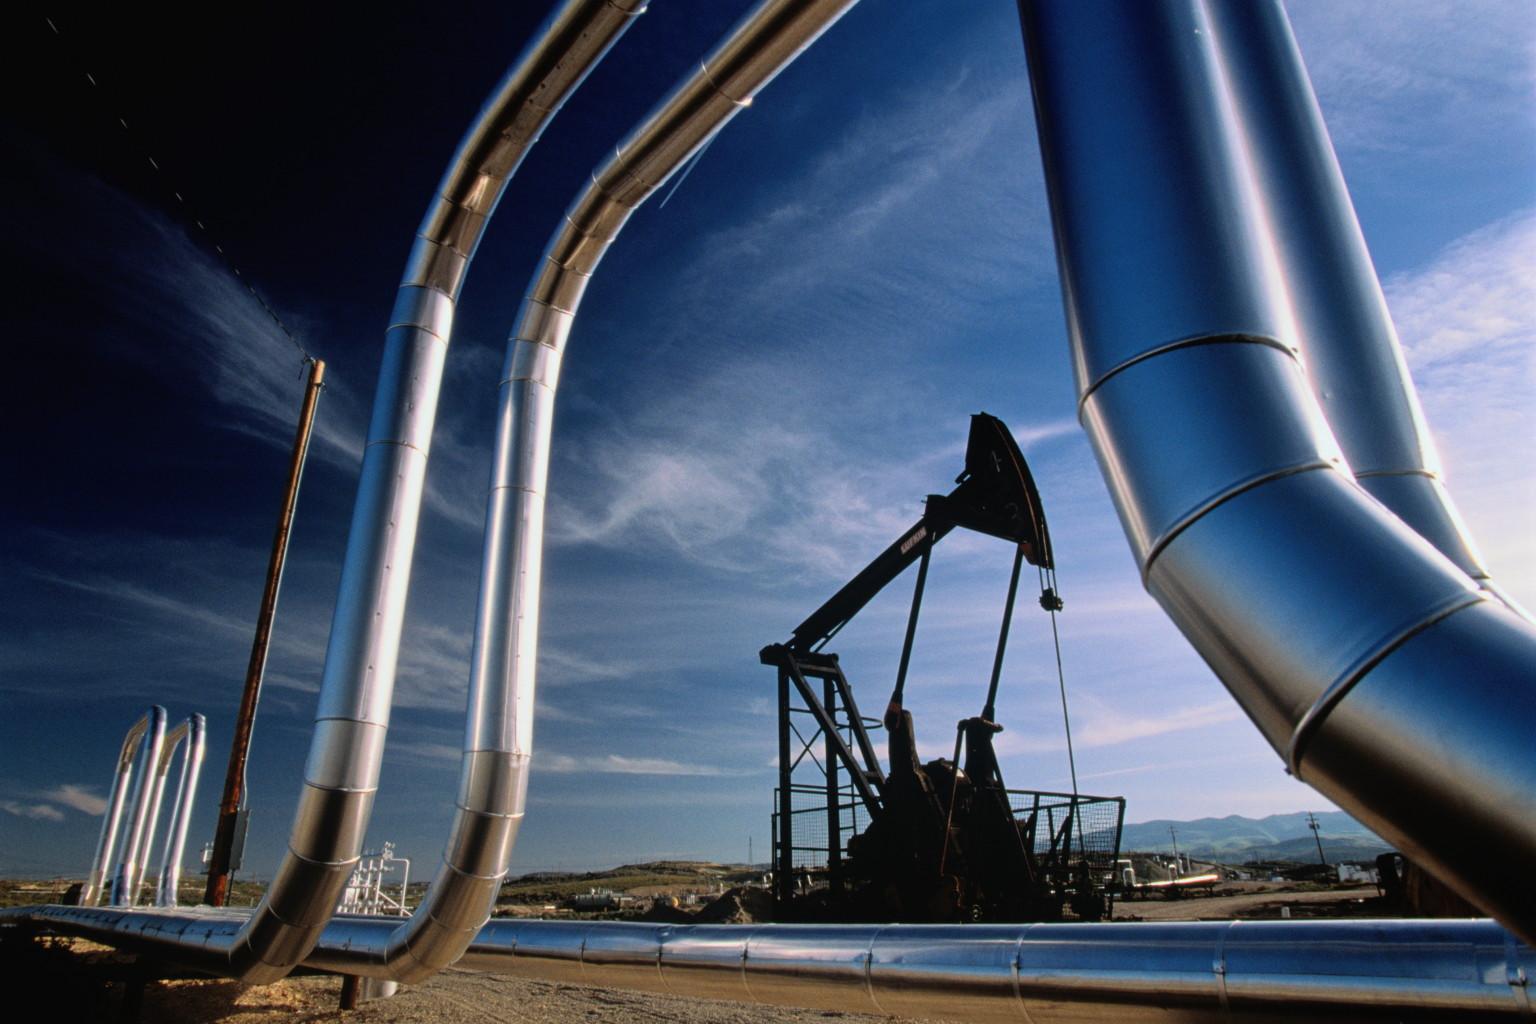 Қазақстан мұнай және газ өндіру жоспарын асыра орындады